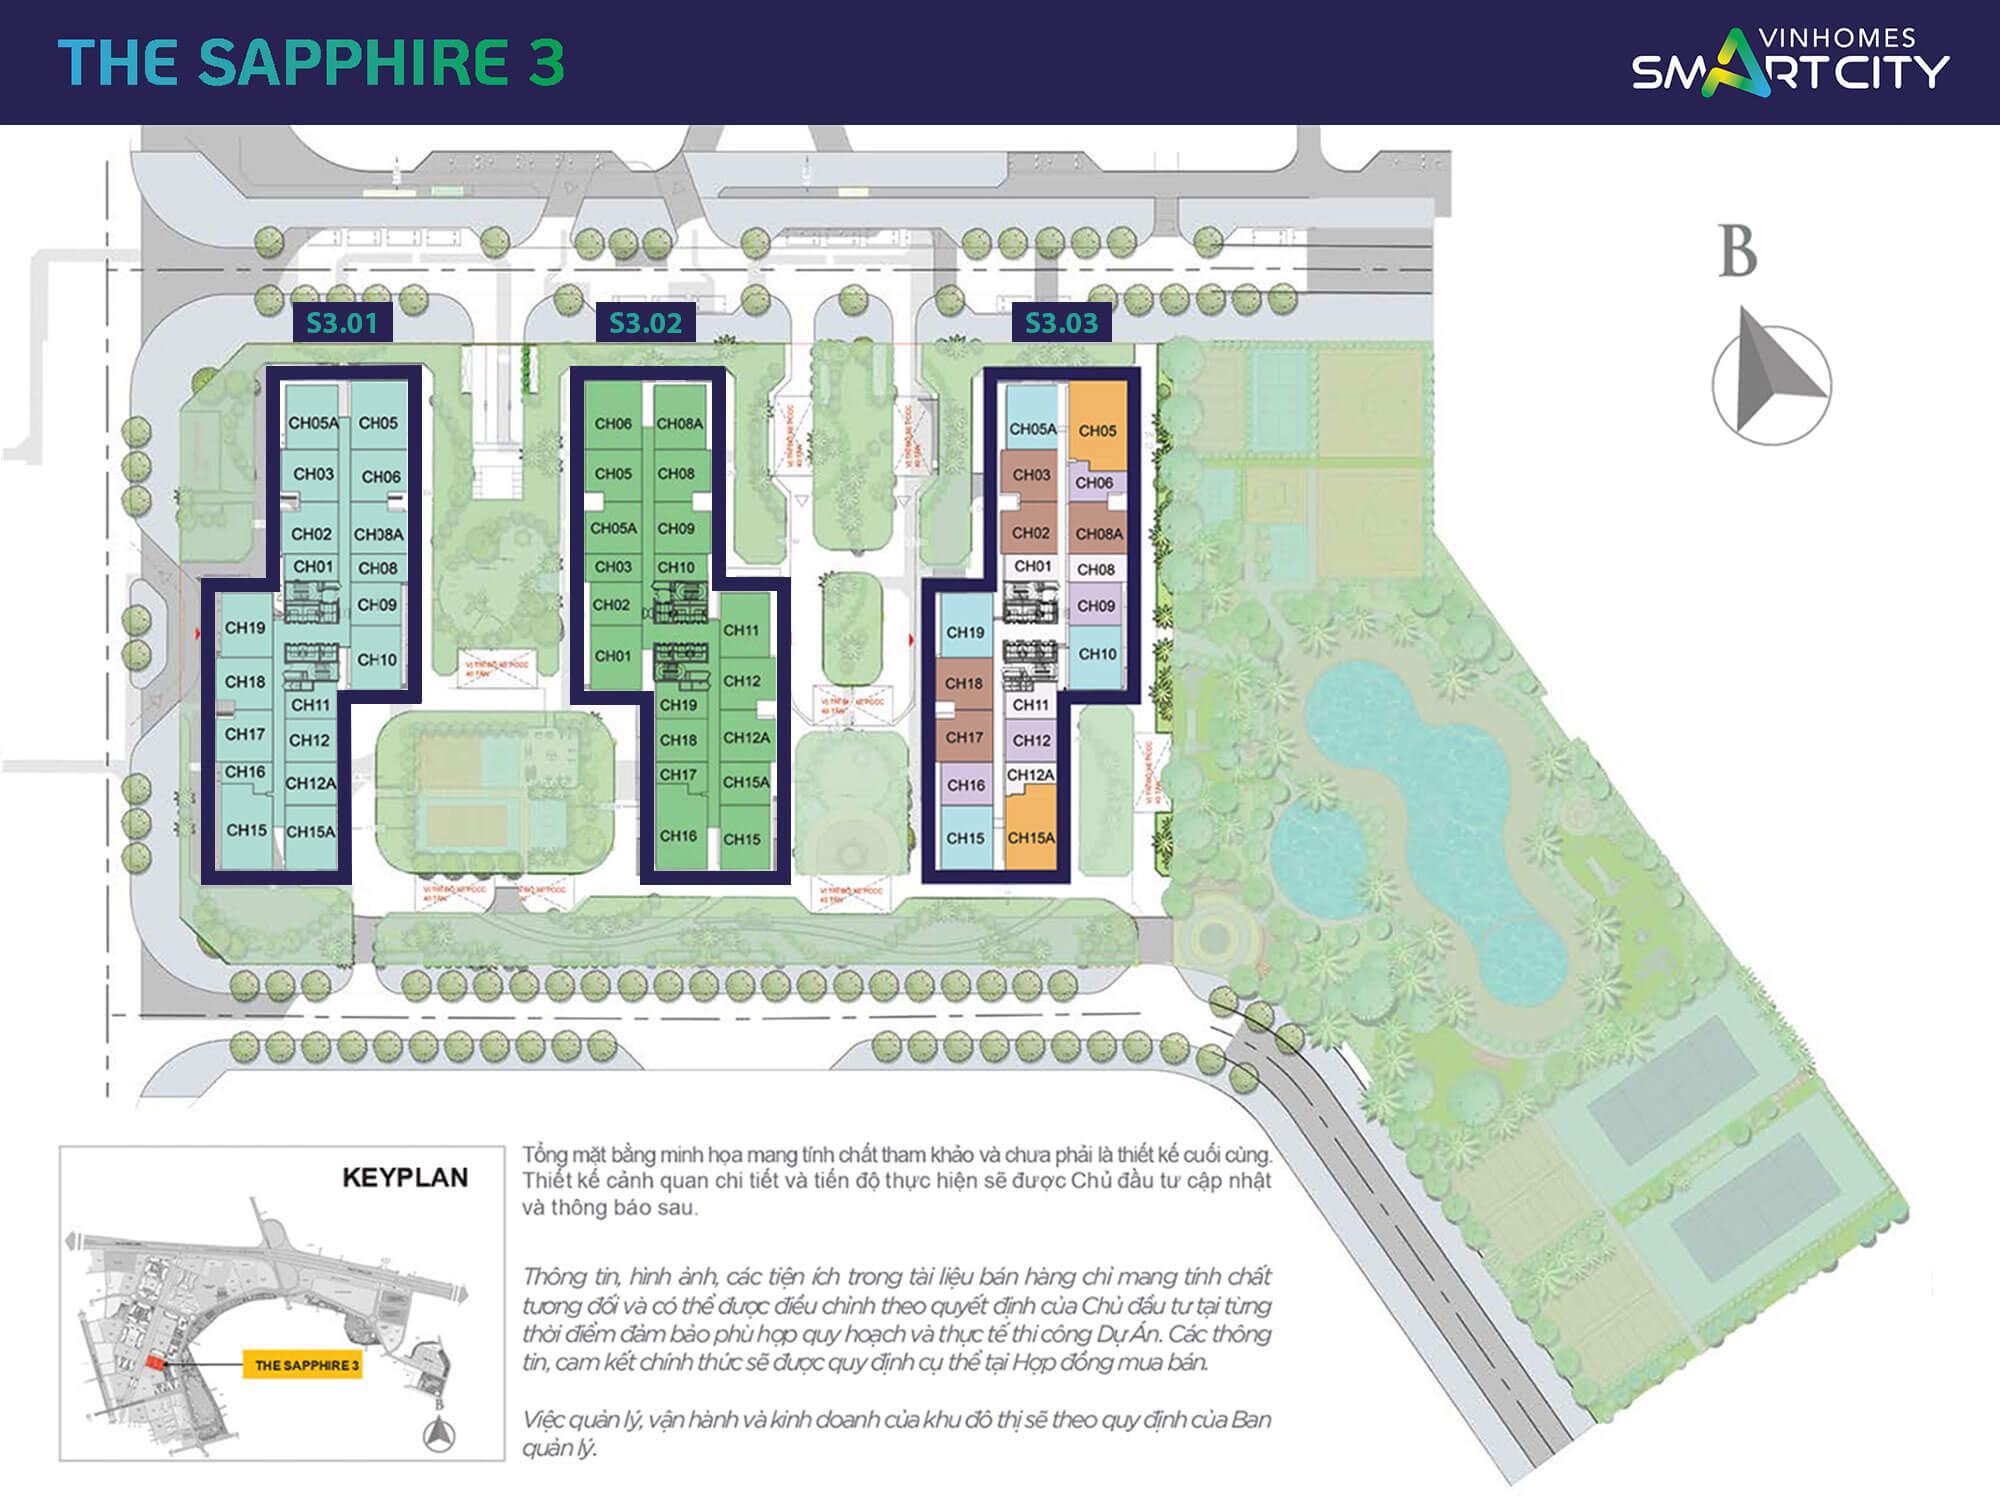 Mặt bằng phân khu Saphire 3 mới ra mắt